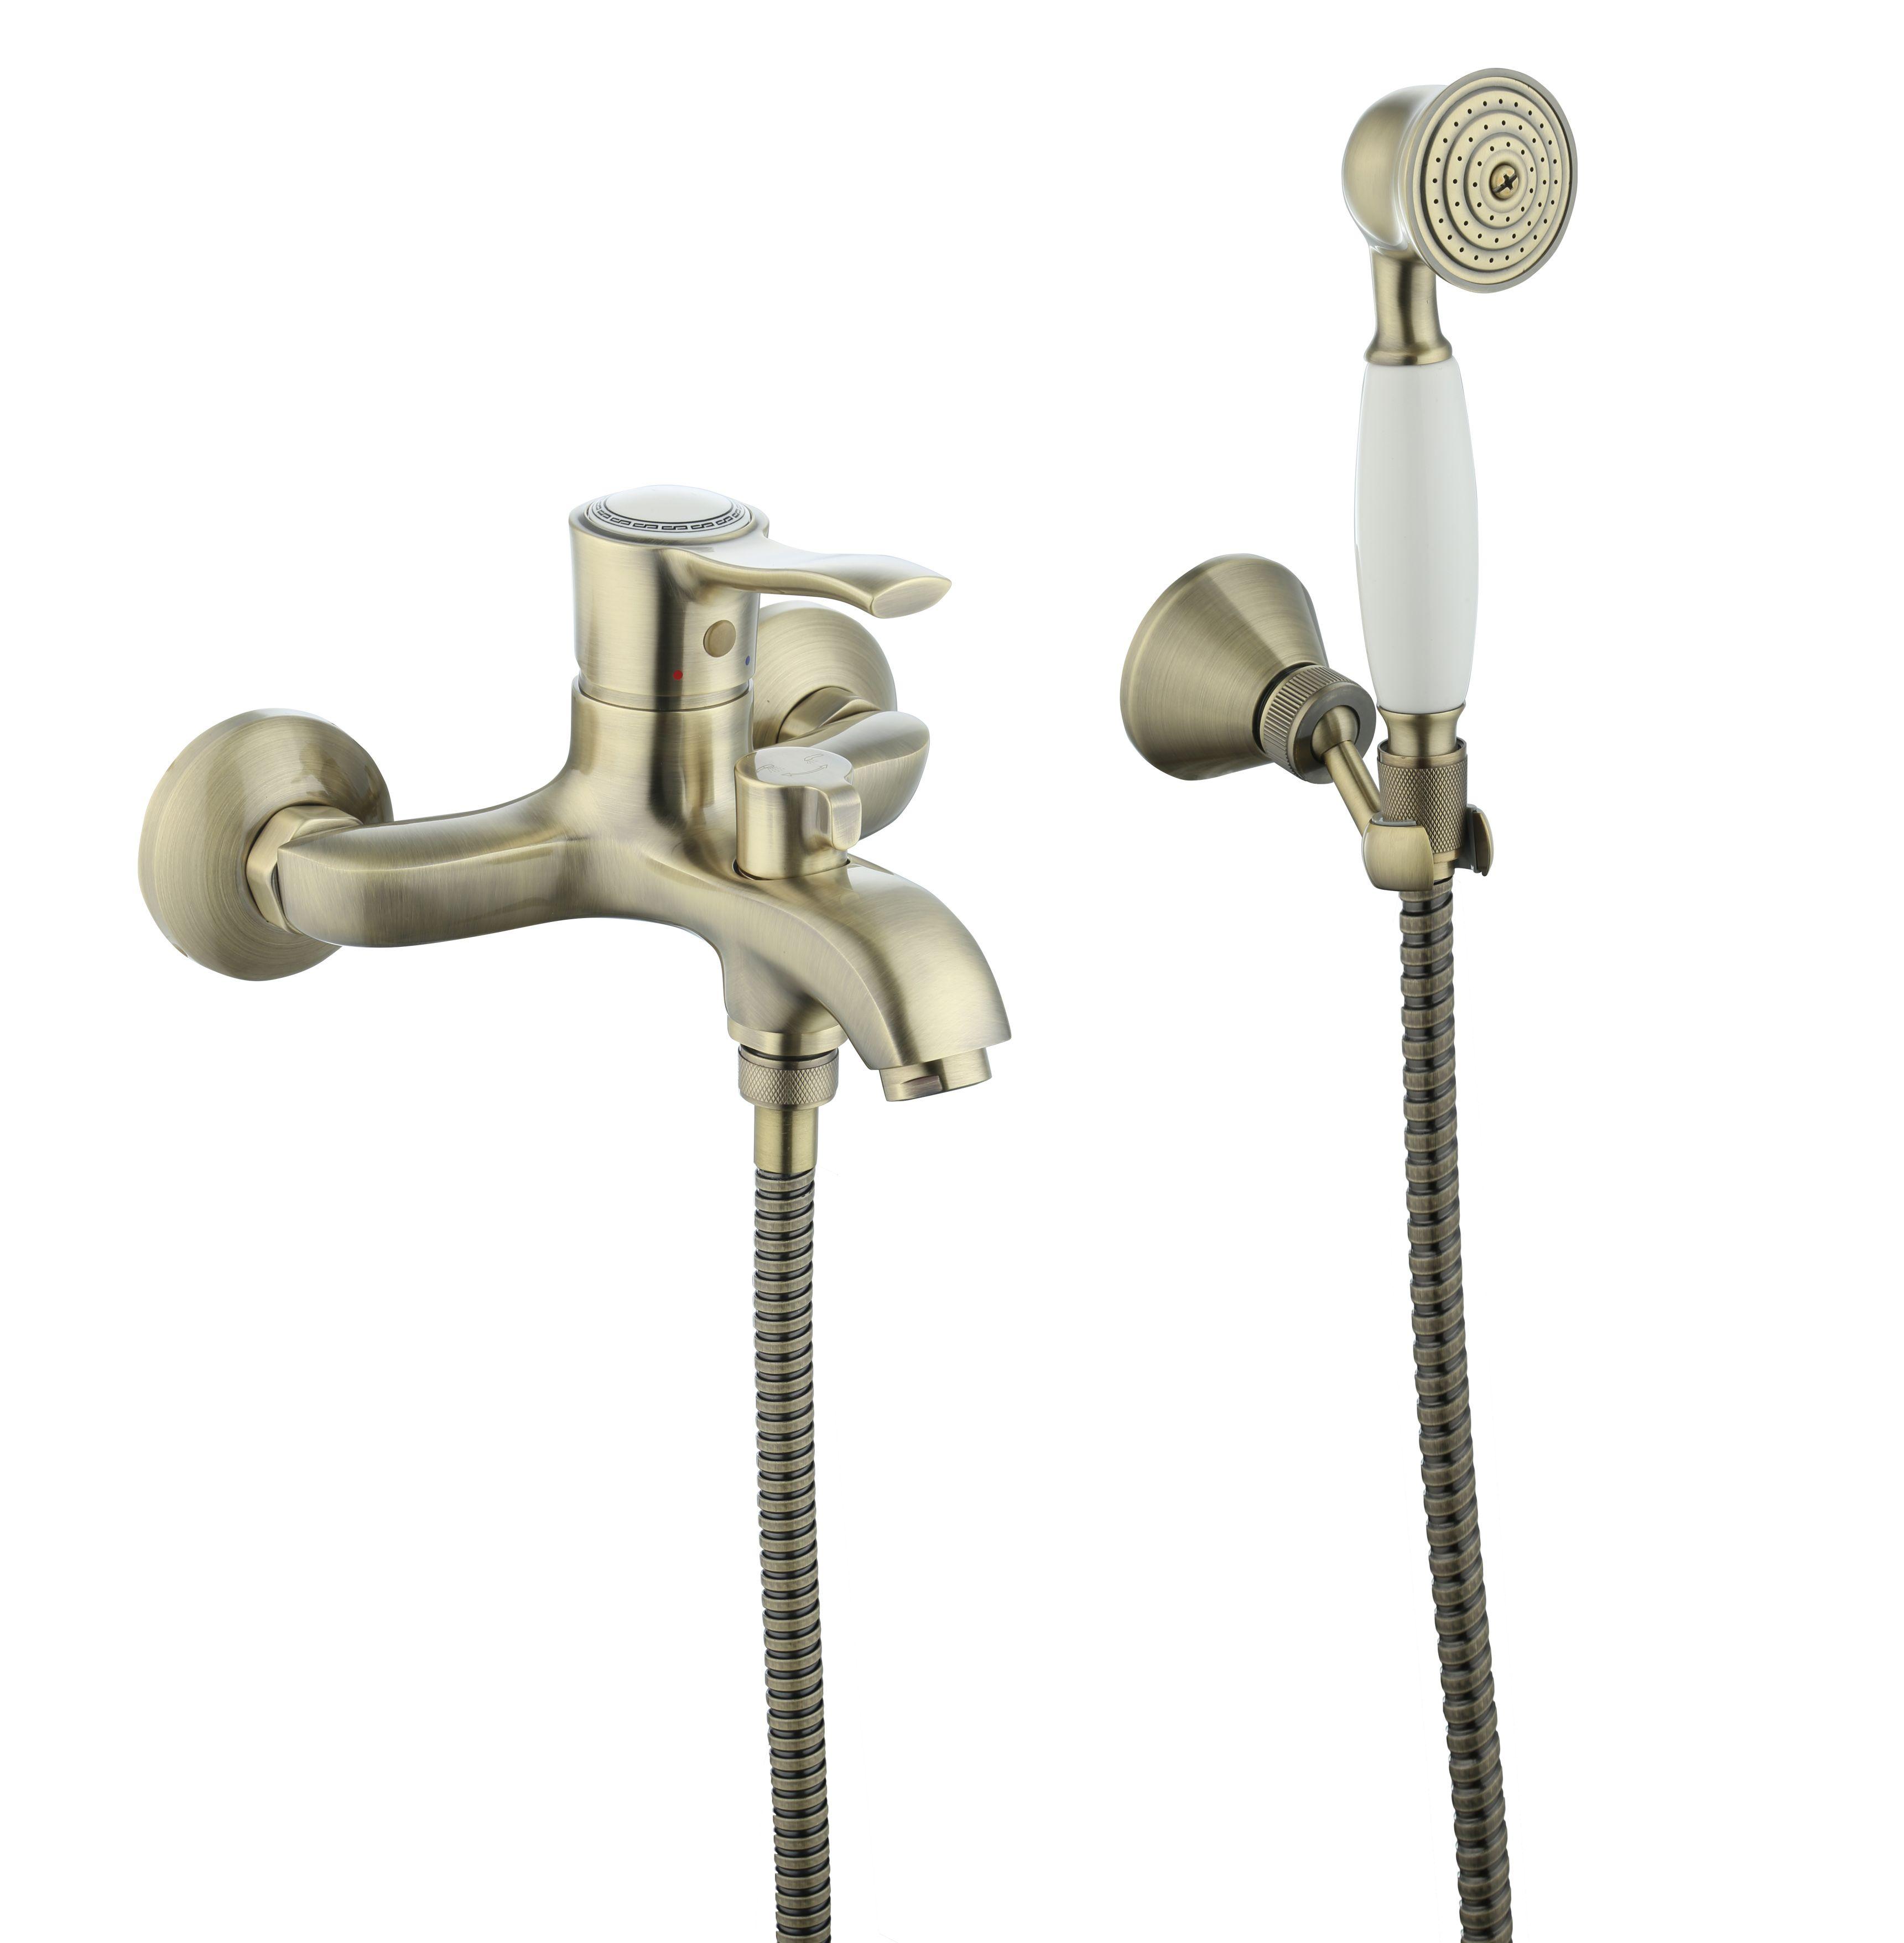 Смеситель SMARTsant Смарт-Винтаж для ванны и душа смеситель smartsant смарт фалькон для ванны душа